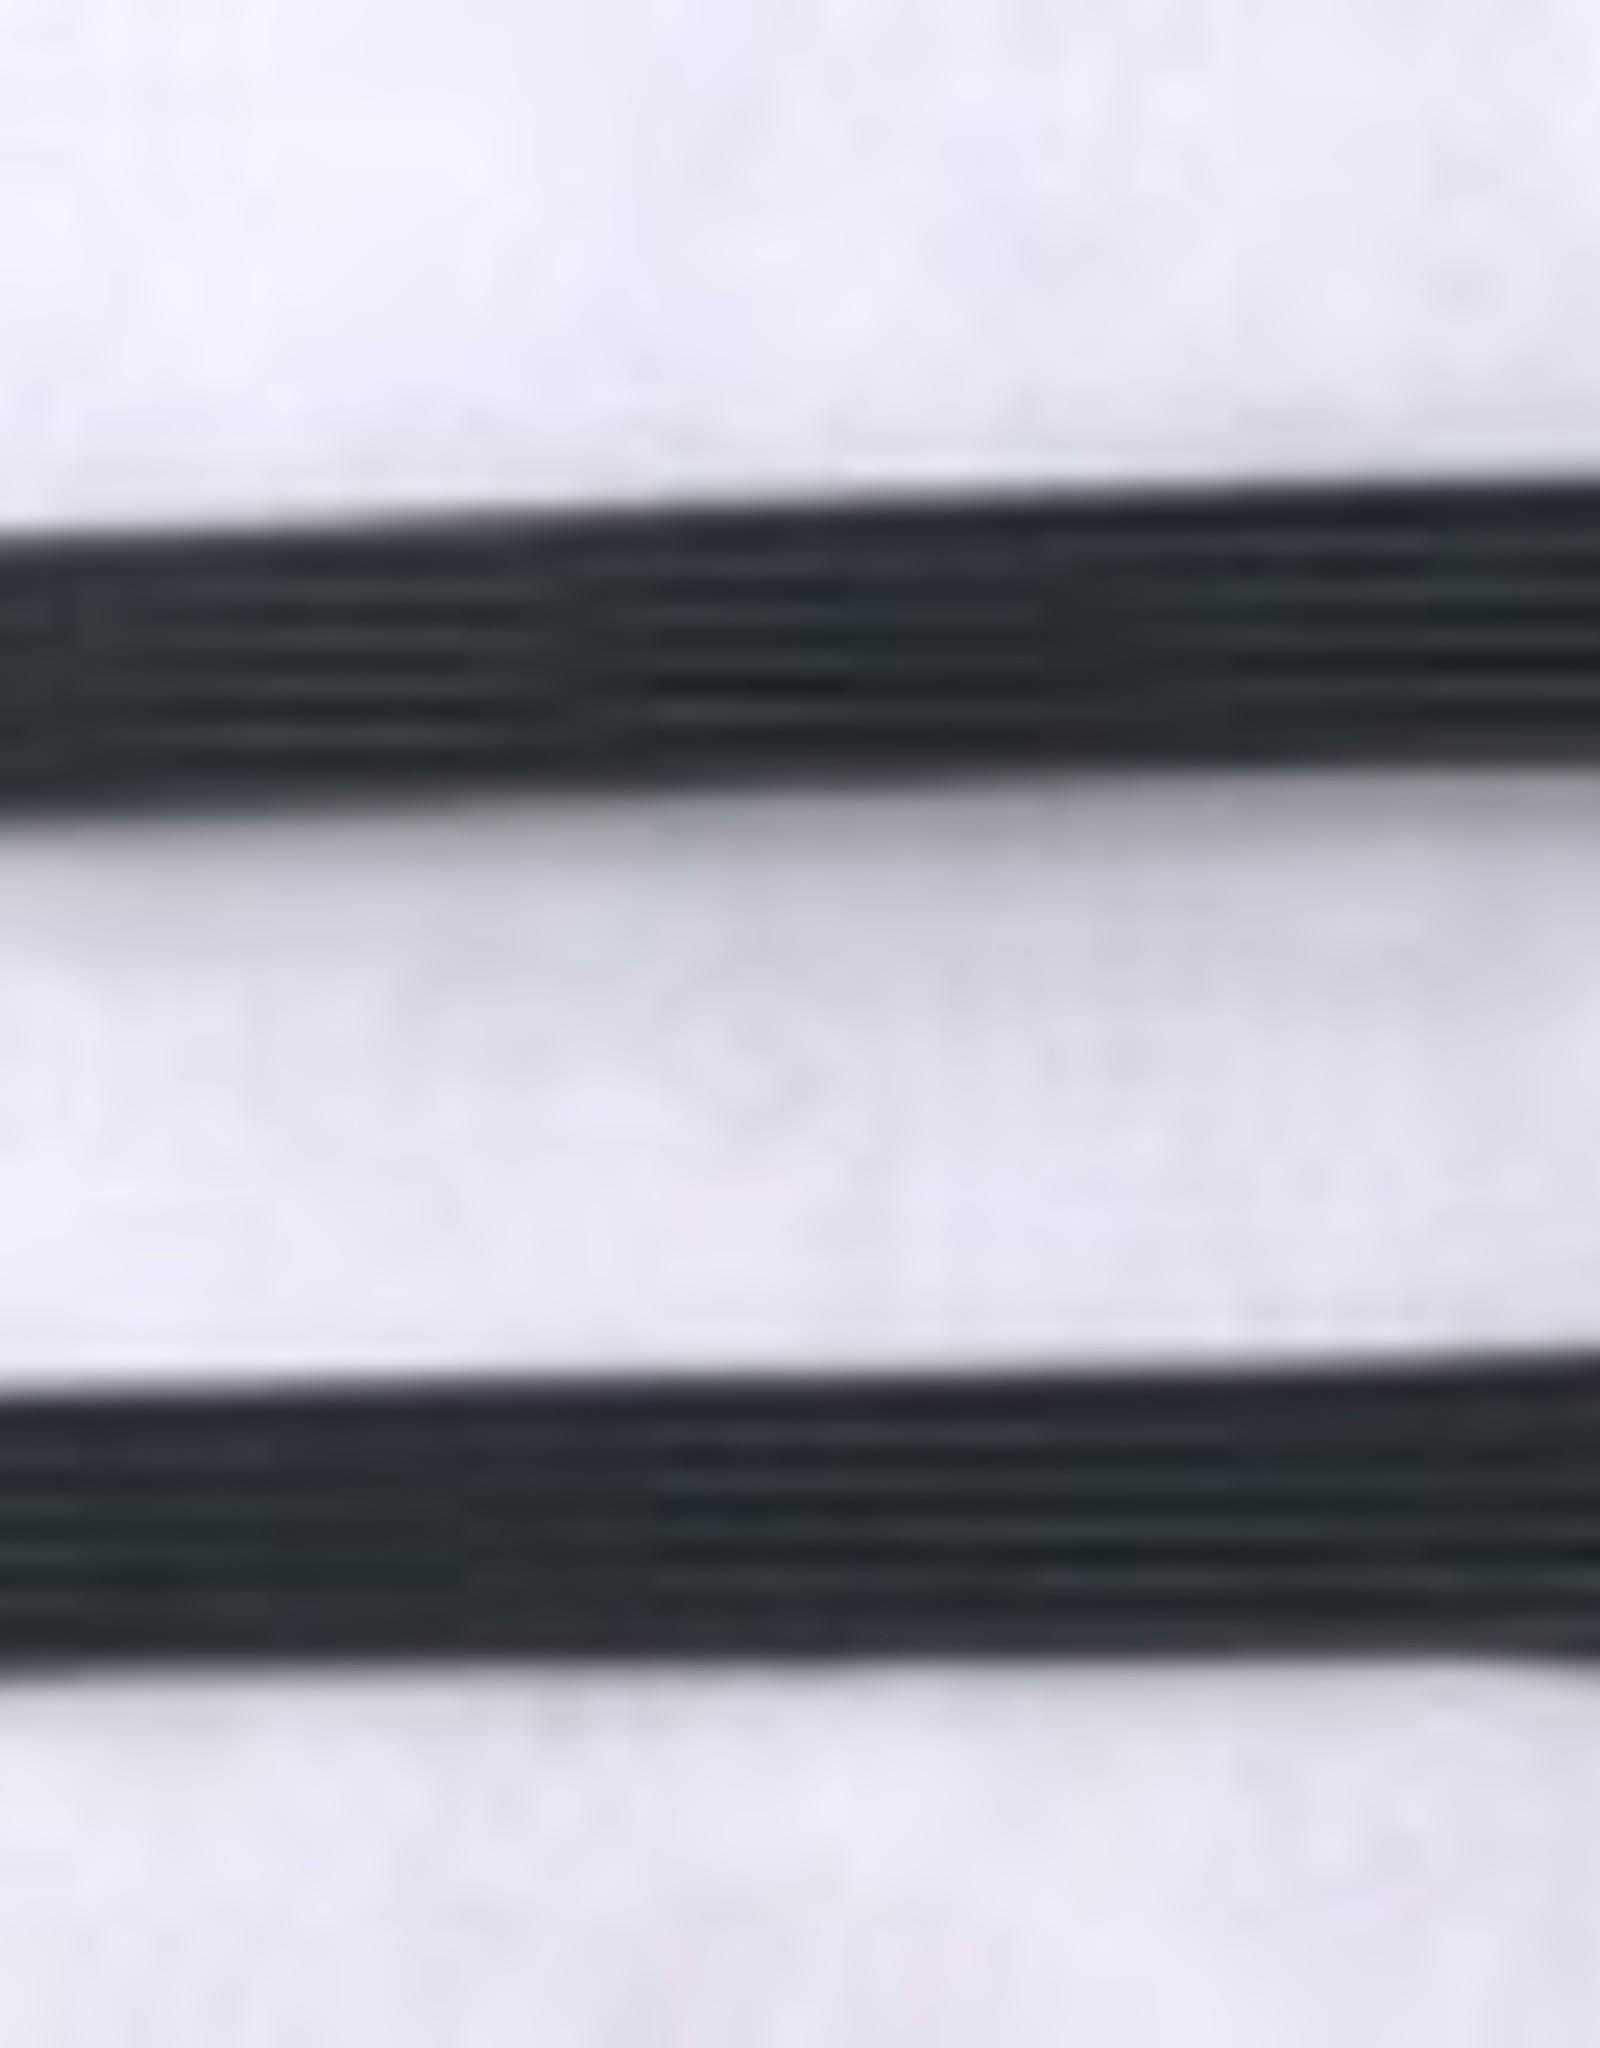 TQ Racing 230mmmm-tq-flat-wire-sensor-cable